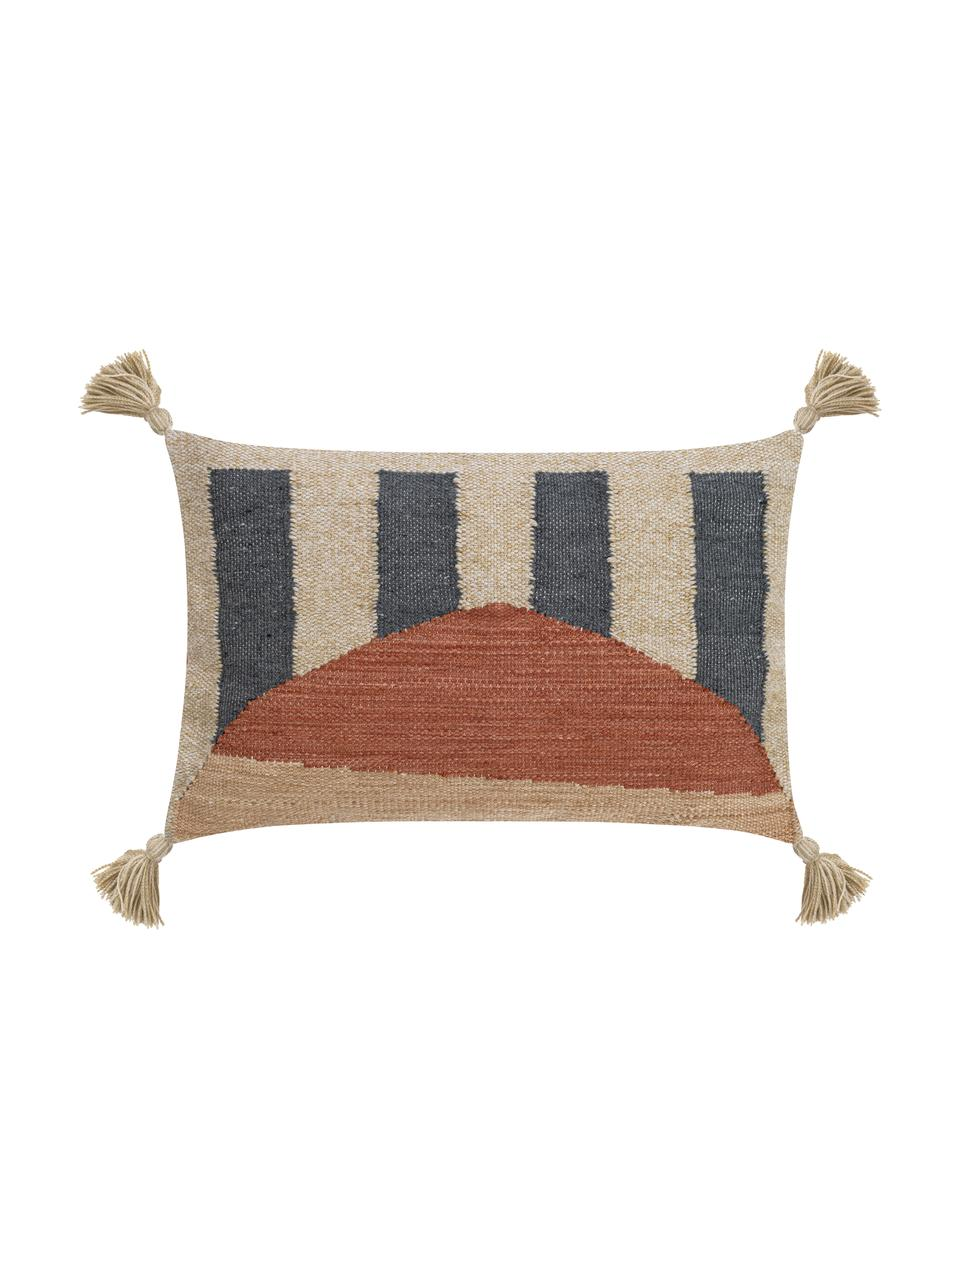 Federa arredo con nappe Nouria, Retro: 100% cotone, Terracotta, tonalità beige, nero, Larg. 40 x Lung. 60 cm